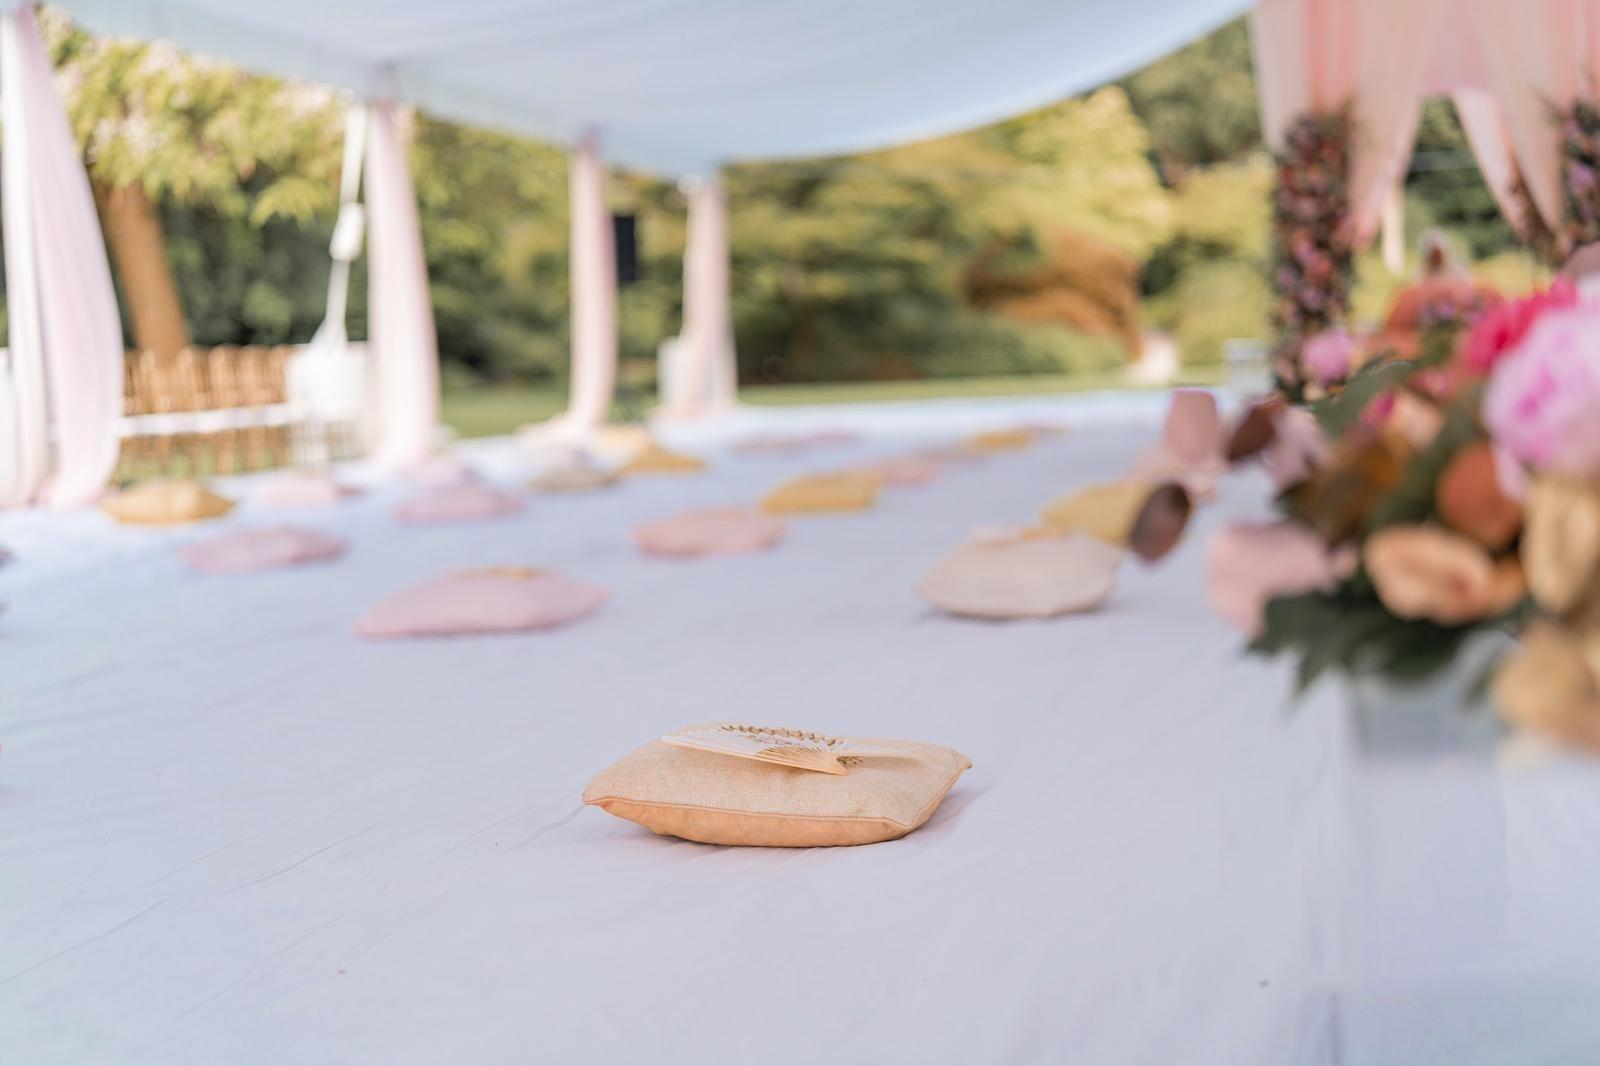 Indian Outdoor Weddings Outdoor wedding, Outdoor, Table